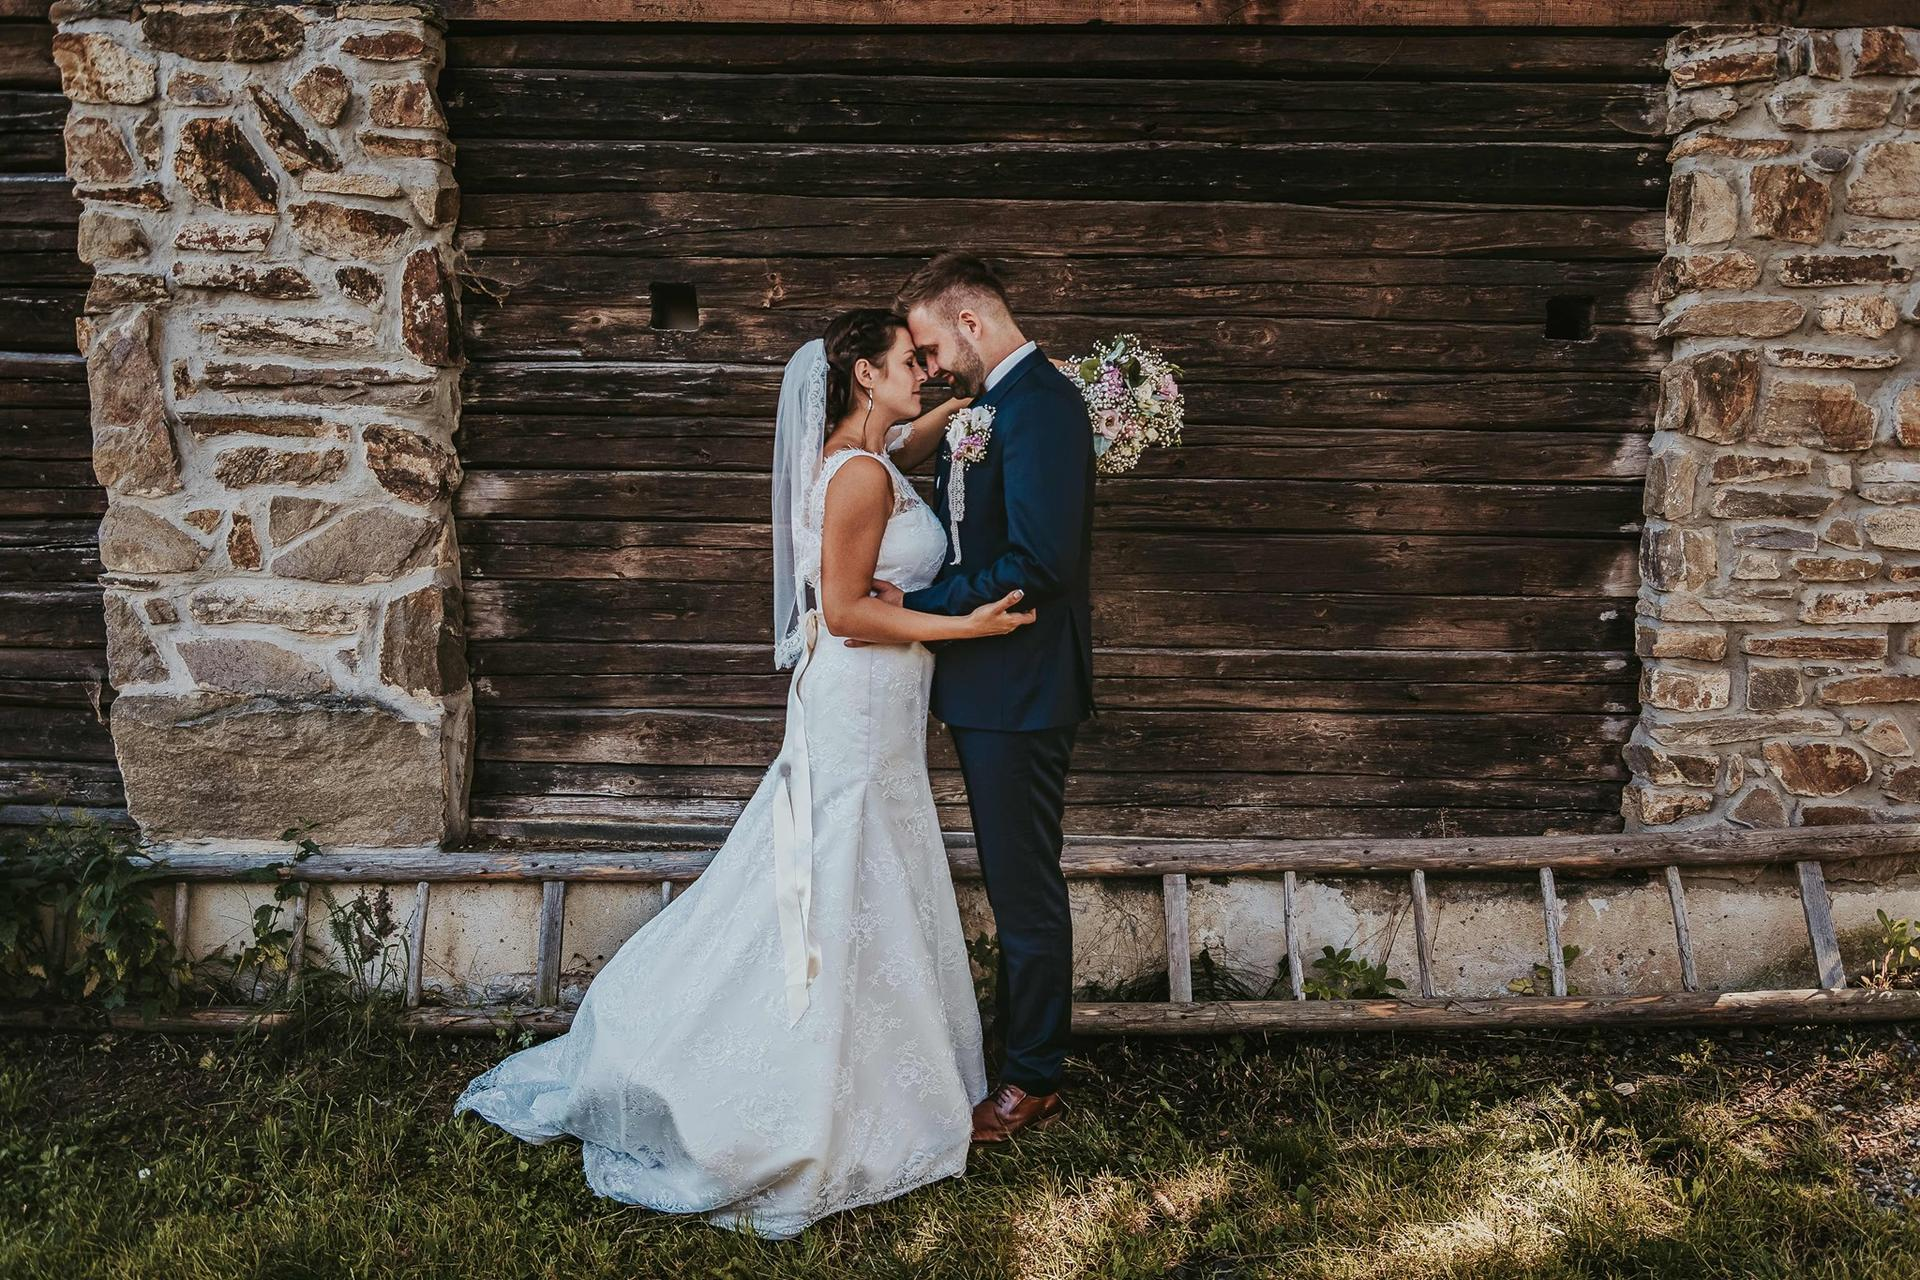 Svatební fotograf Karel Královec - kralovecphoto - Obrázek č. 10